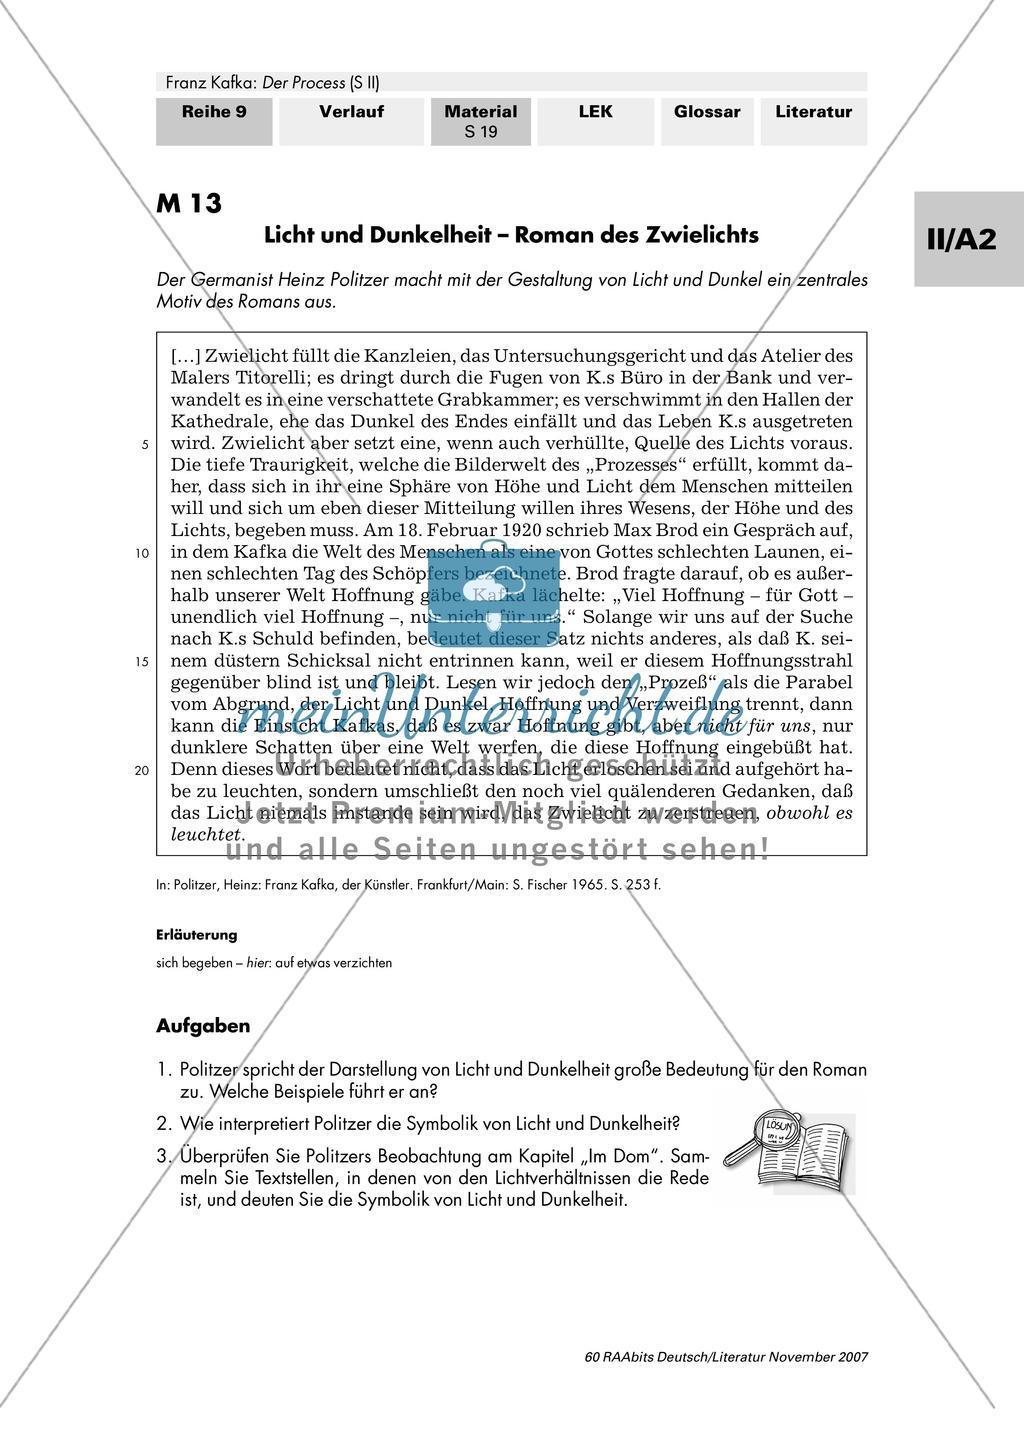 """Franz Kafka """"Der Process"""": Die Symbolik von Licht und Dunkelheit im Kapitel """"Im Dom"""" Preview 1"""